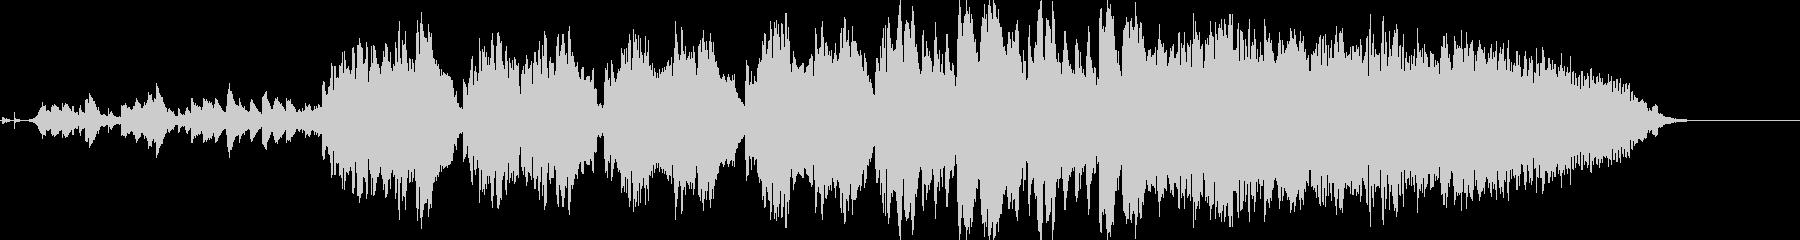 南の島の神秘的な滝のヒーリング曲の未再生の波形